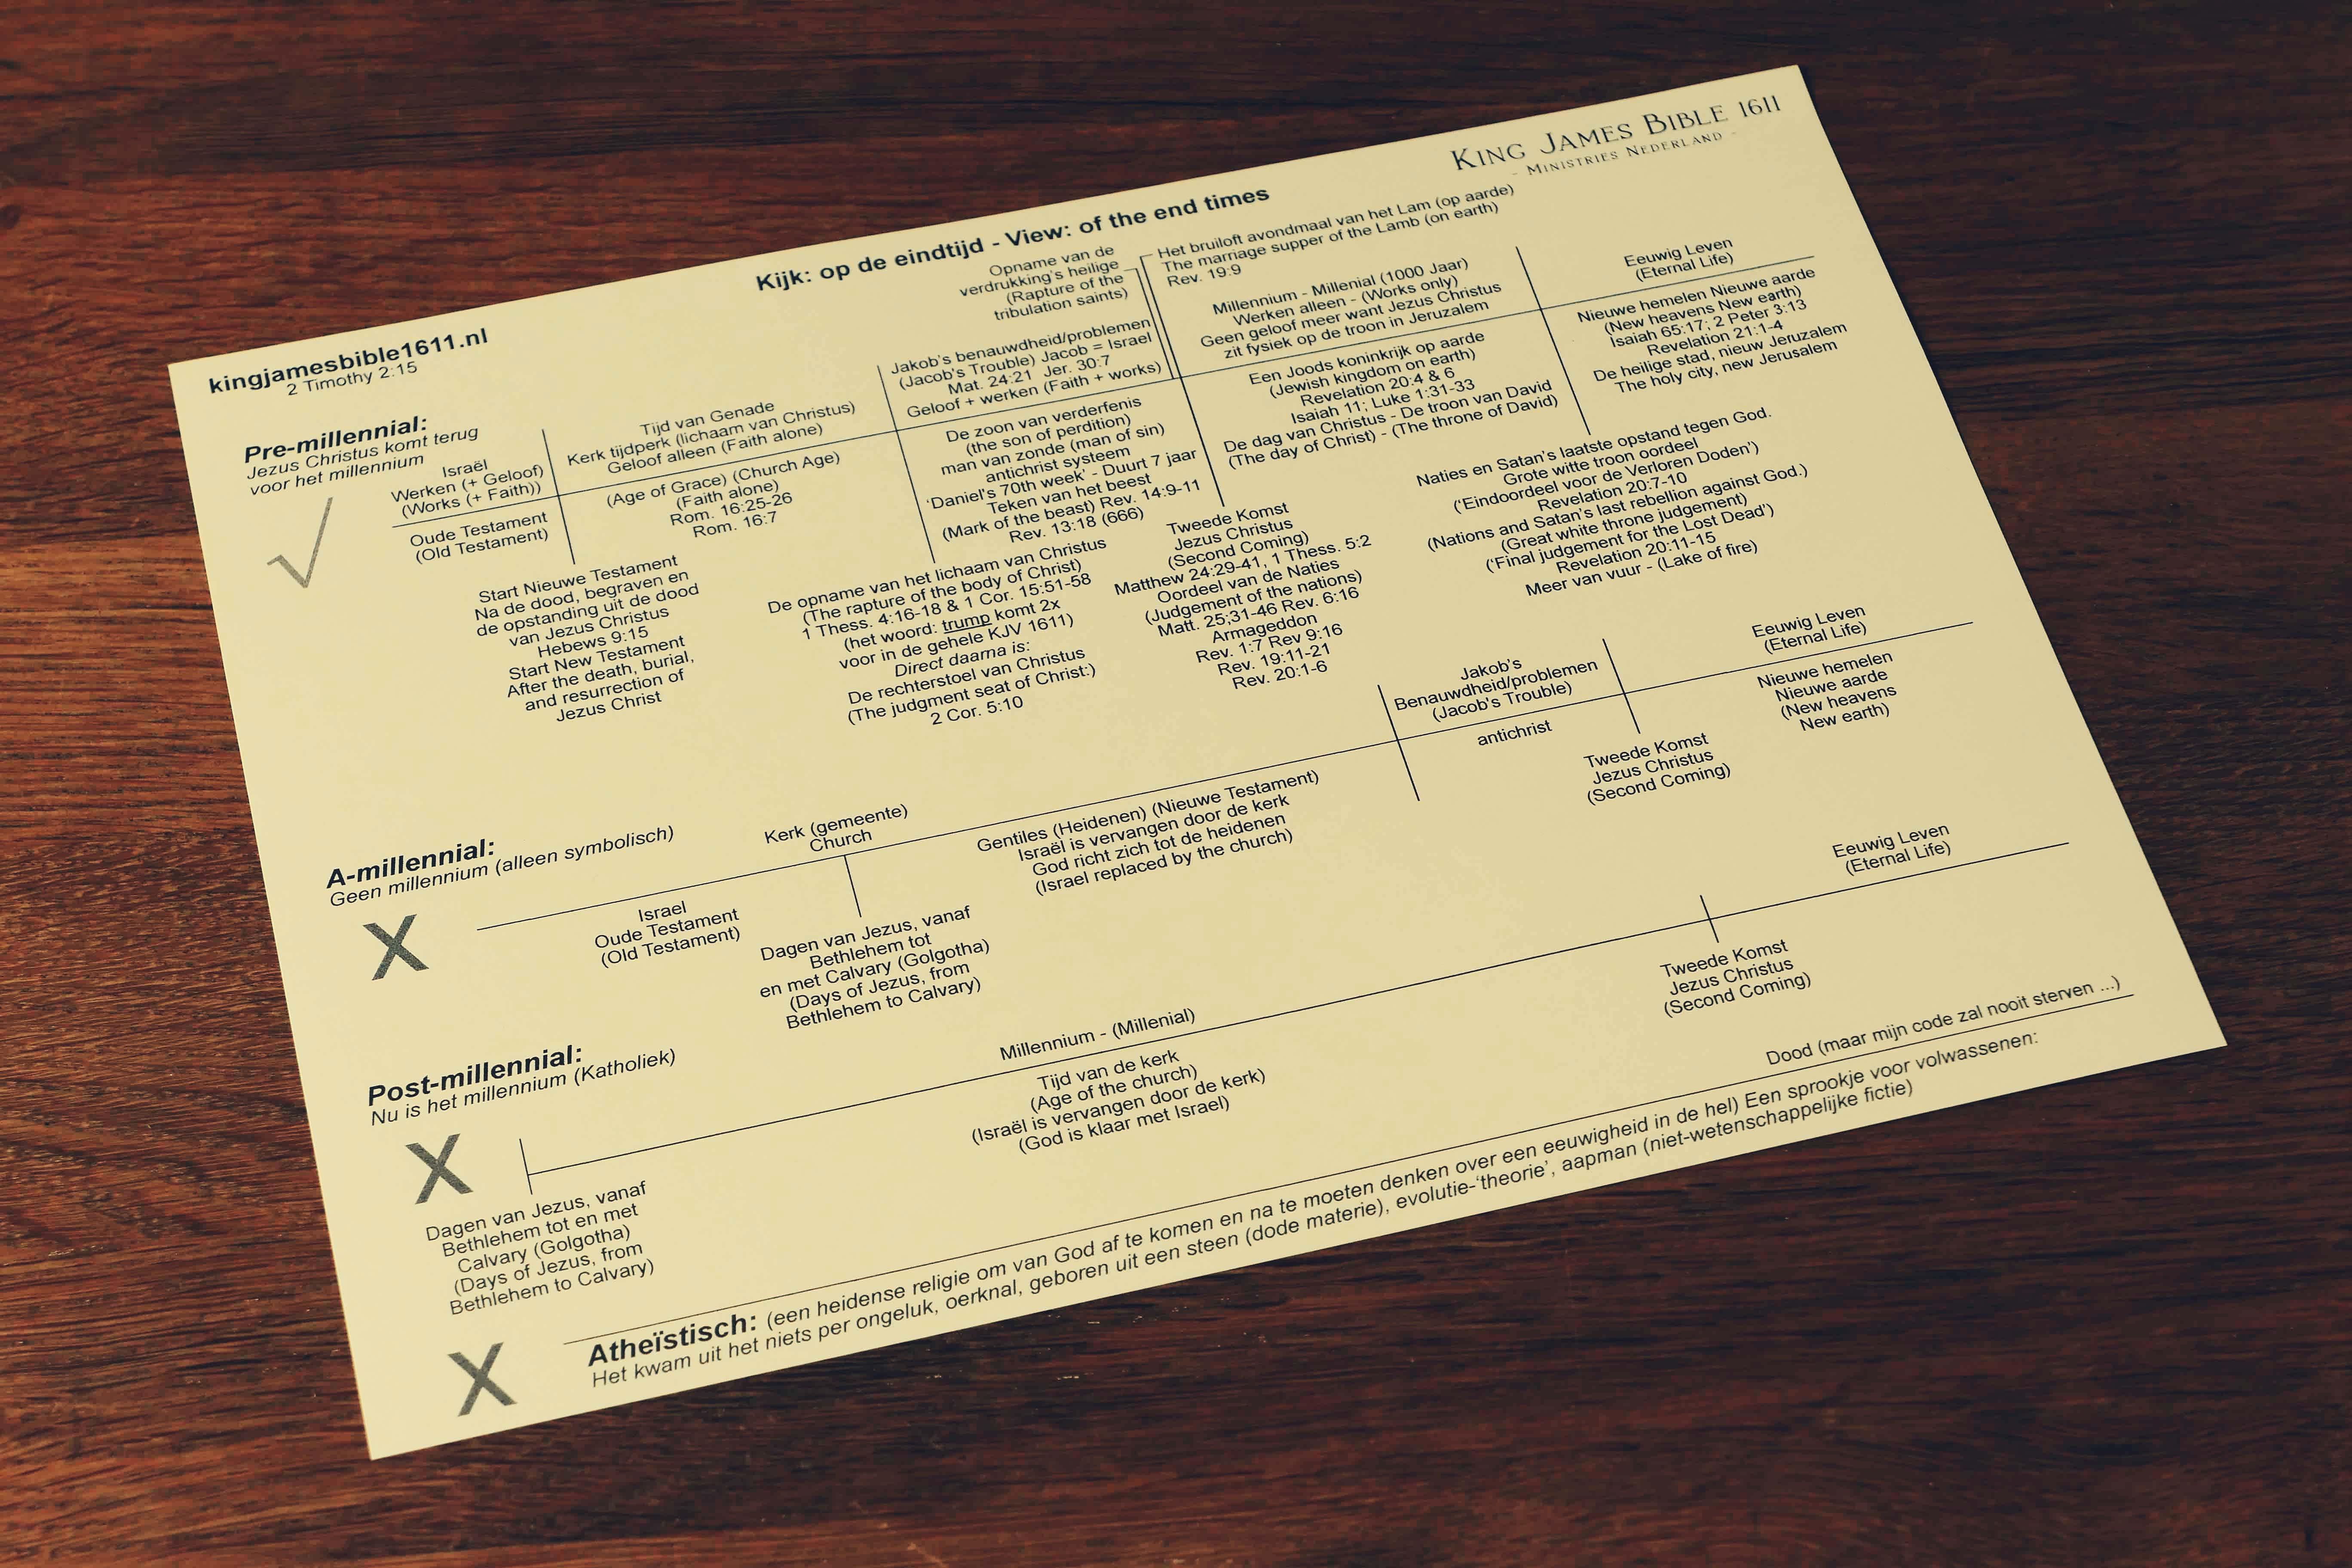 Kaart / Chart - Kijk, op de eindtijd (NL)- chart - Marco Kok kingjamesbible.nl - foto